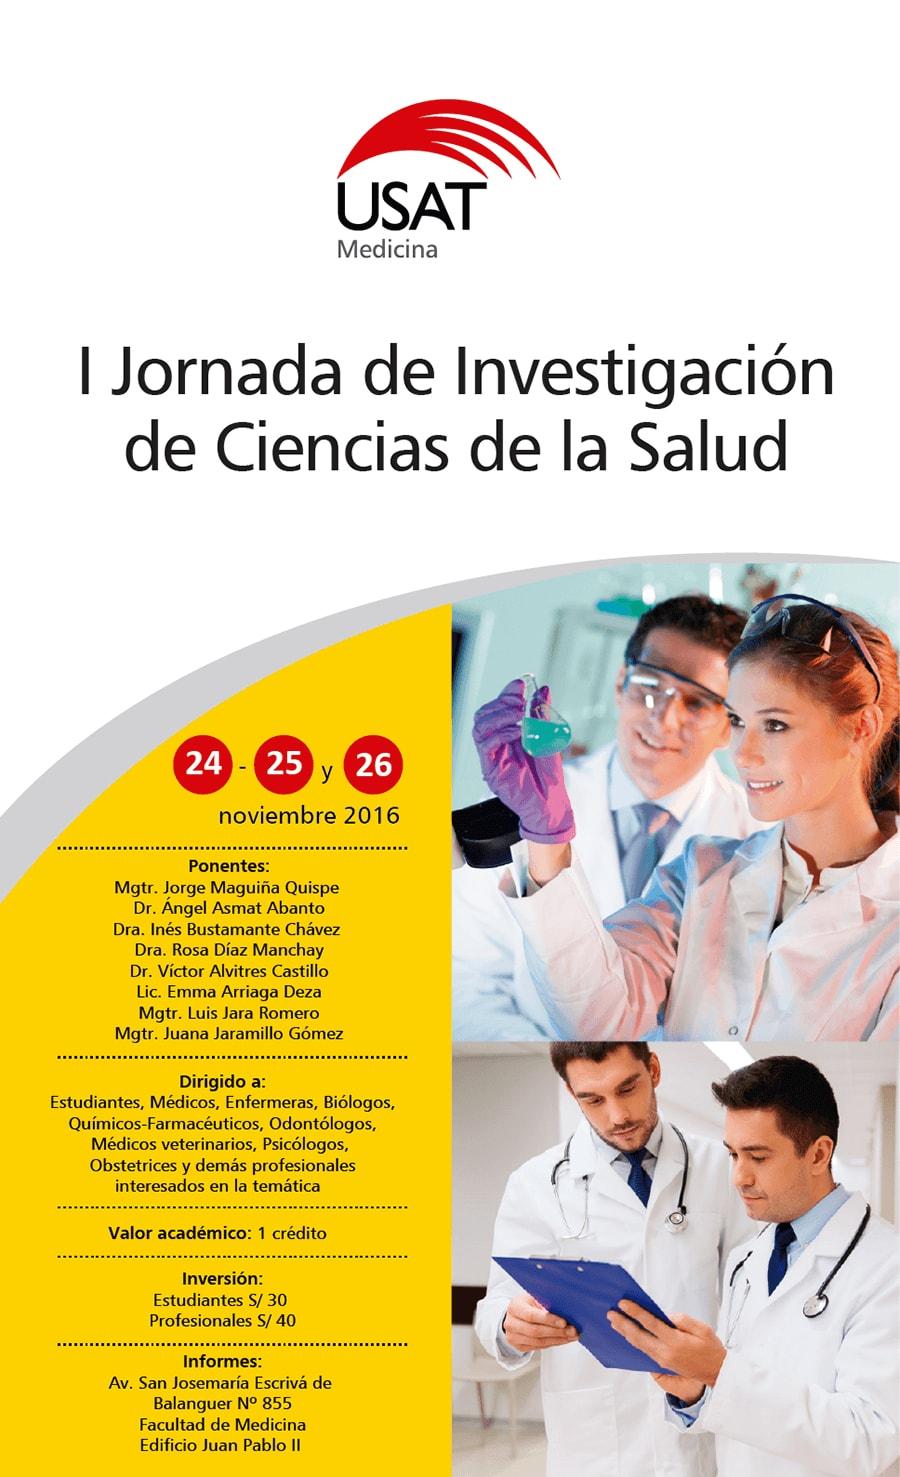 I Jornada de Investigación de Ciencias de la Salud